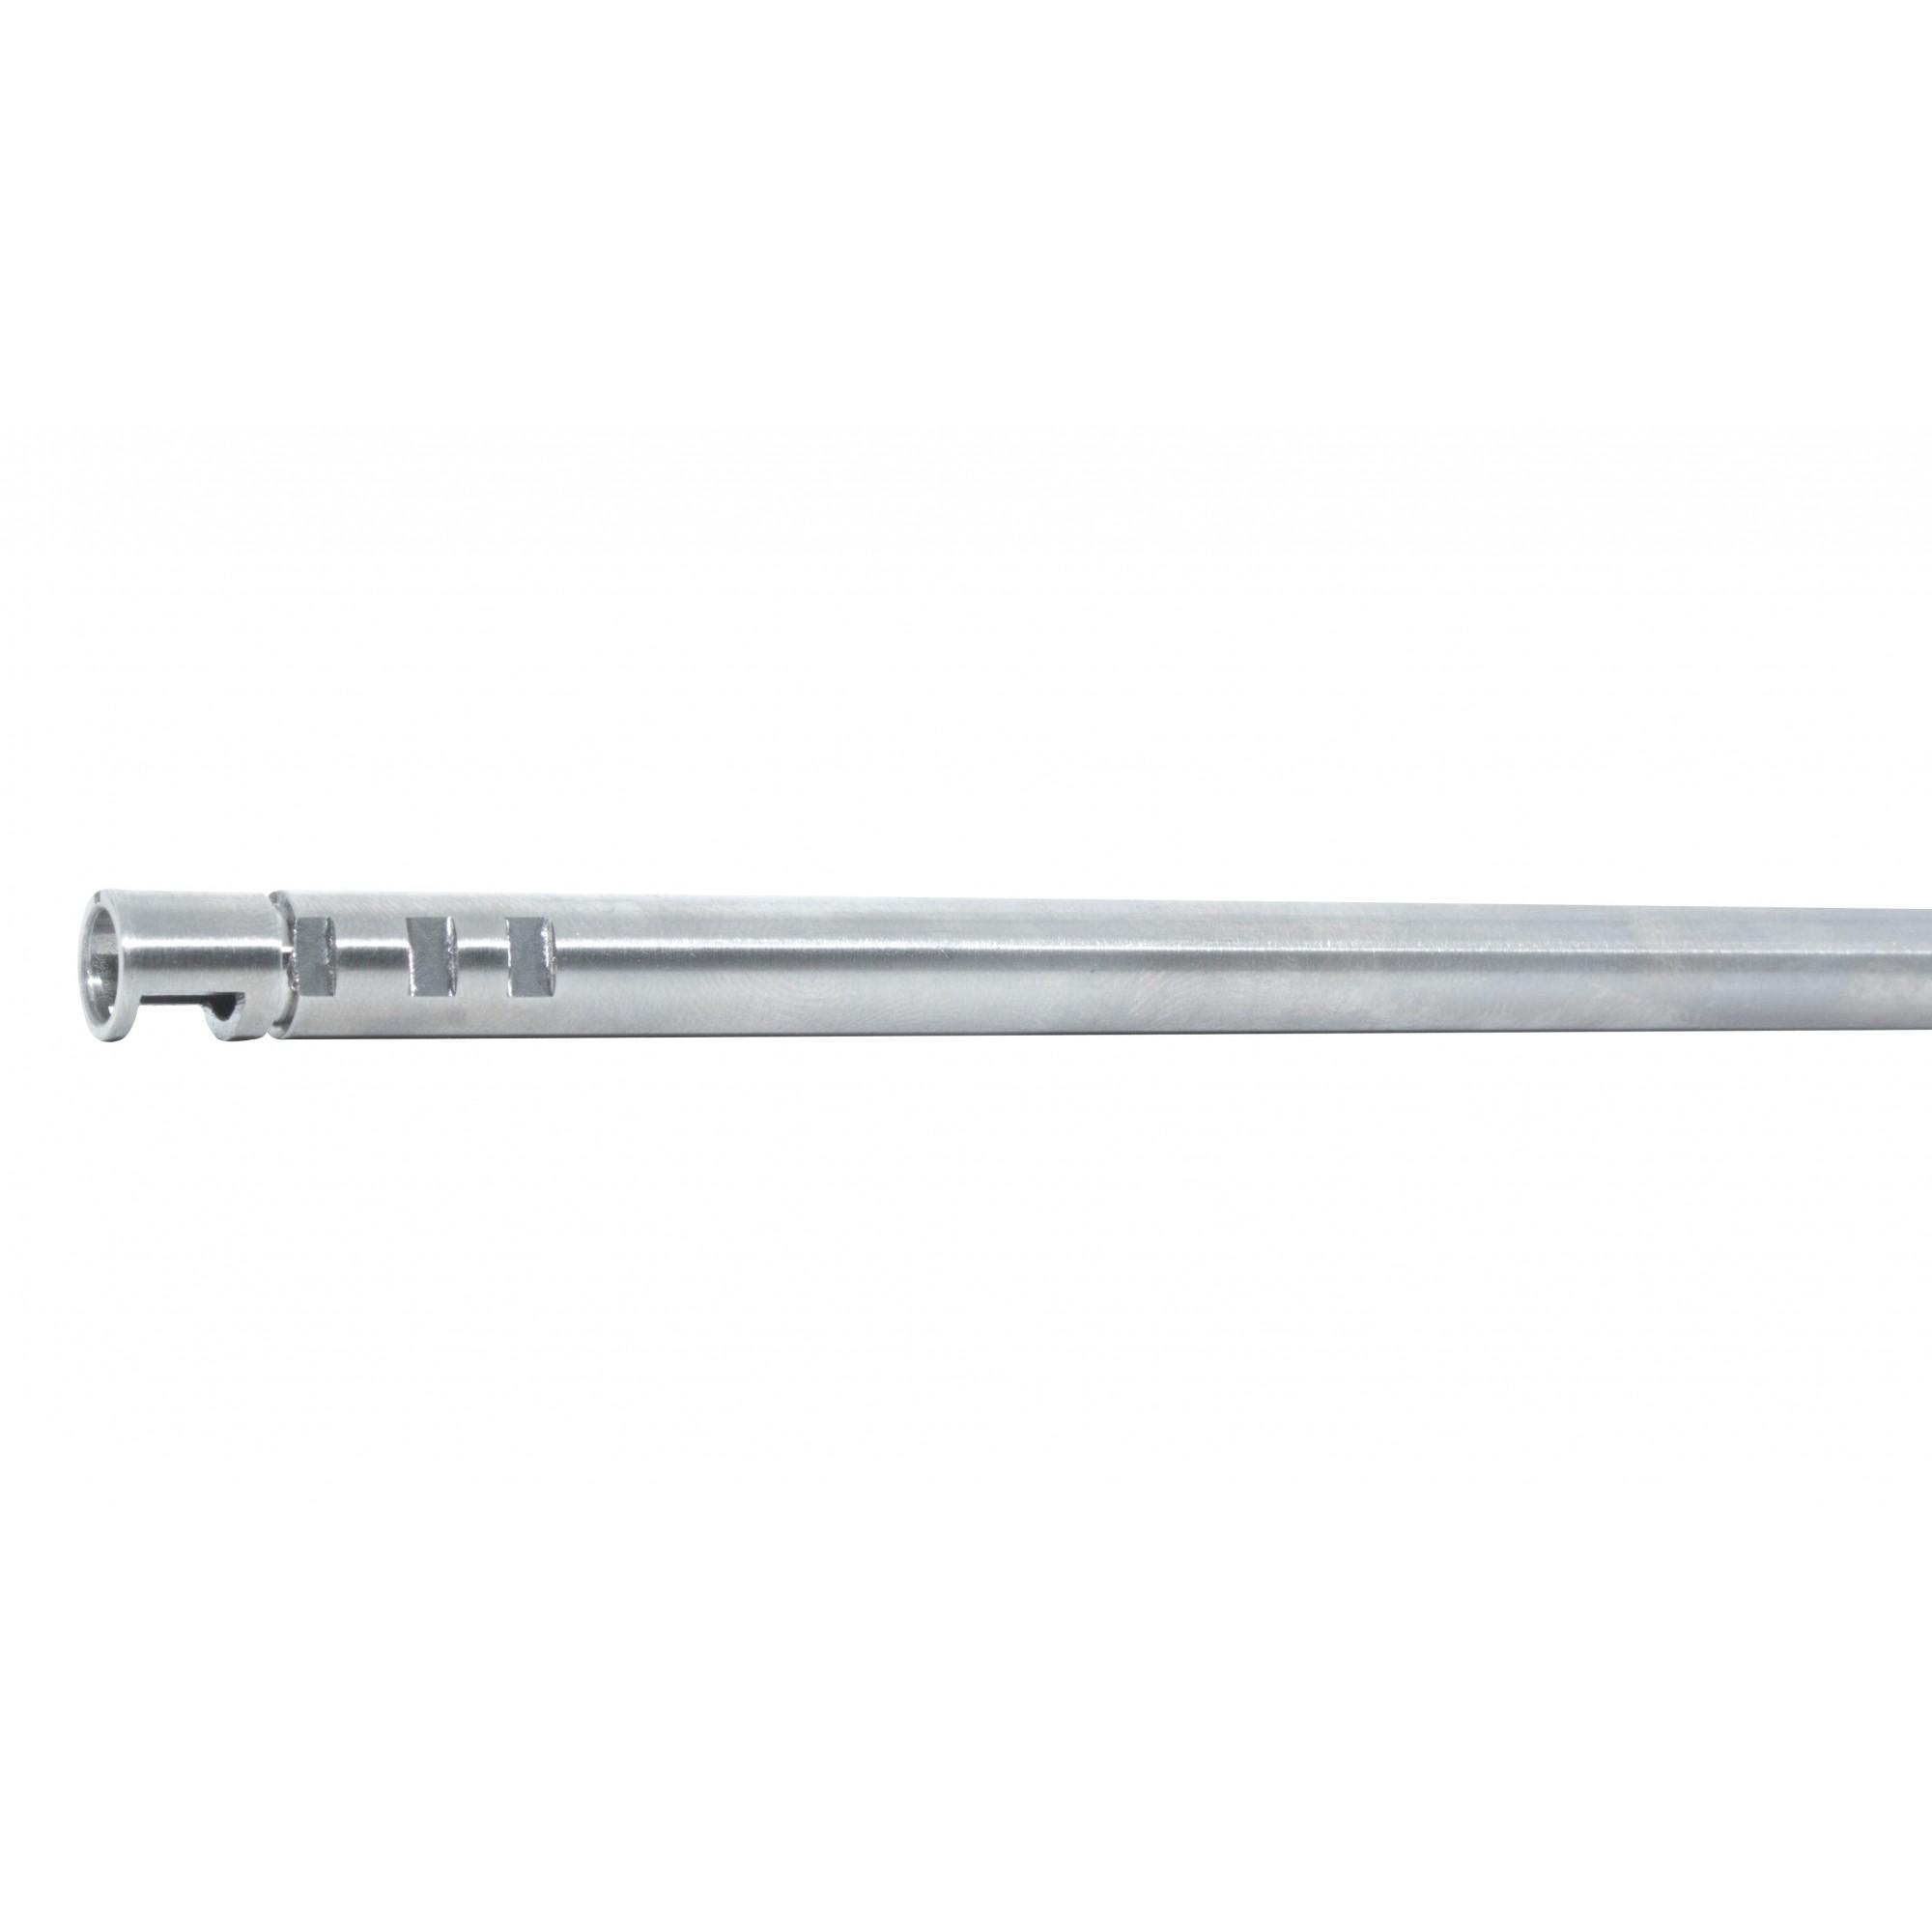 Cano de Precisão 430mm x 6,02mm Janela Fechada Hibrido VSR/AEG